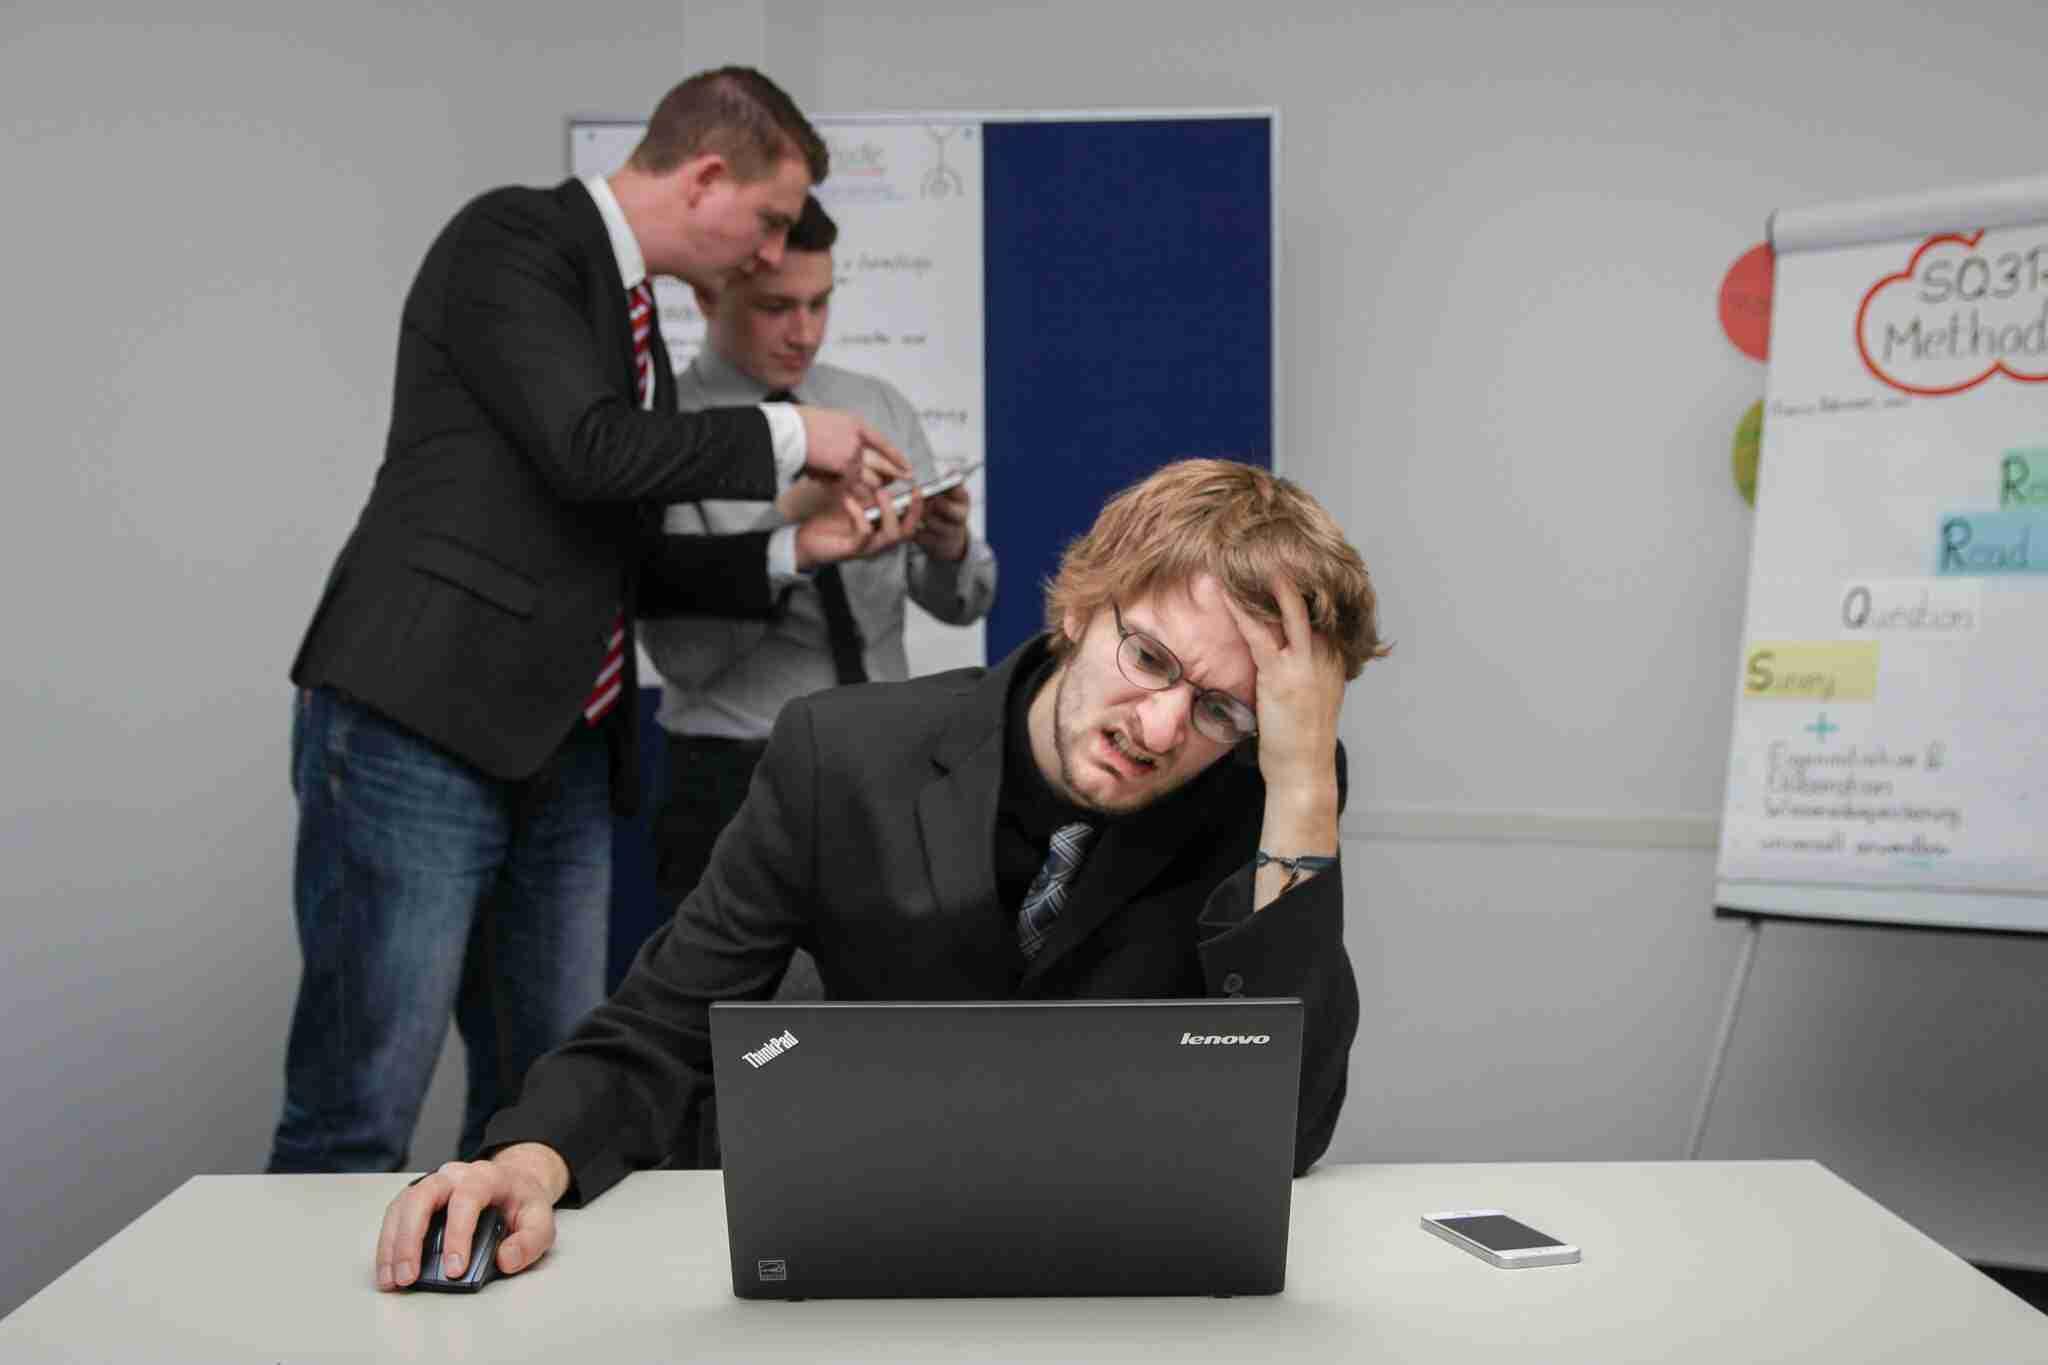 6 Ways to Prevent Computer Eye Strain at Work